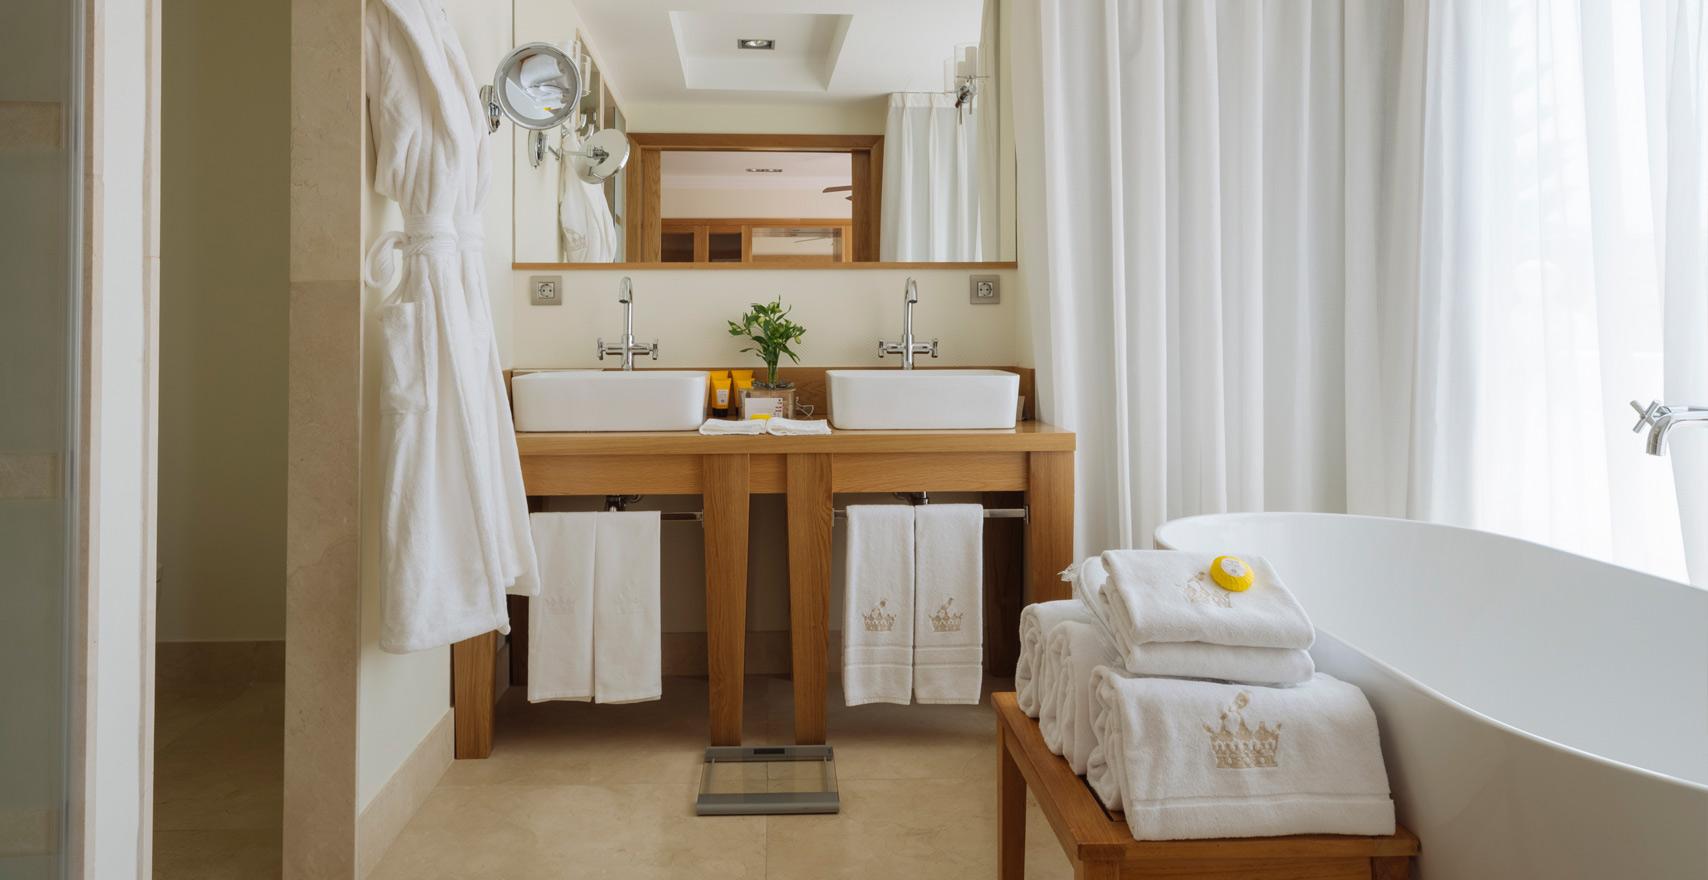 Royal Suite Casas Ducales bathroom